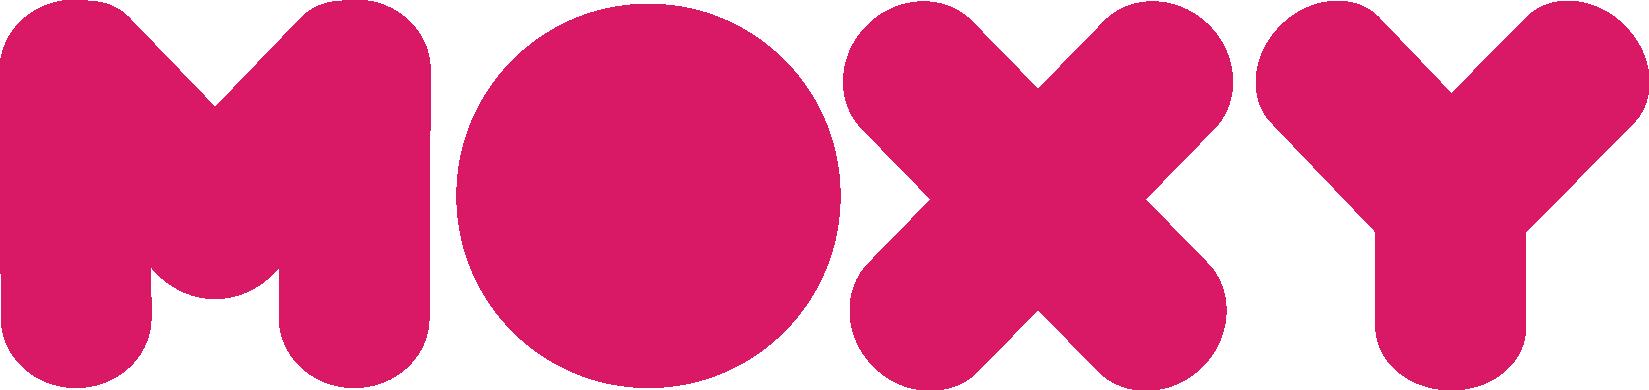 moxy-logo-cc.png